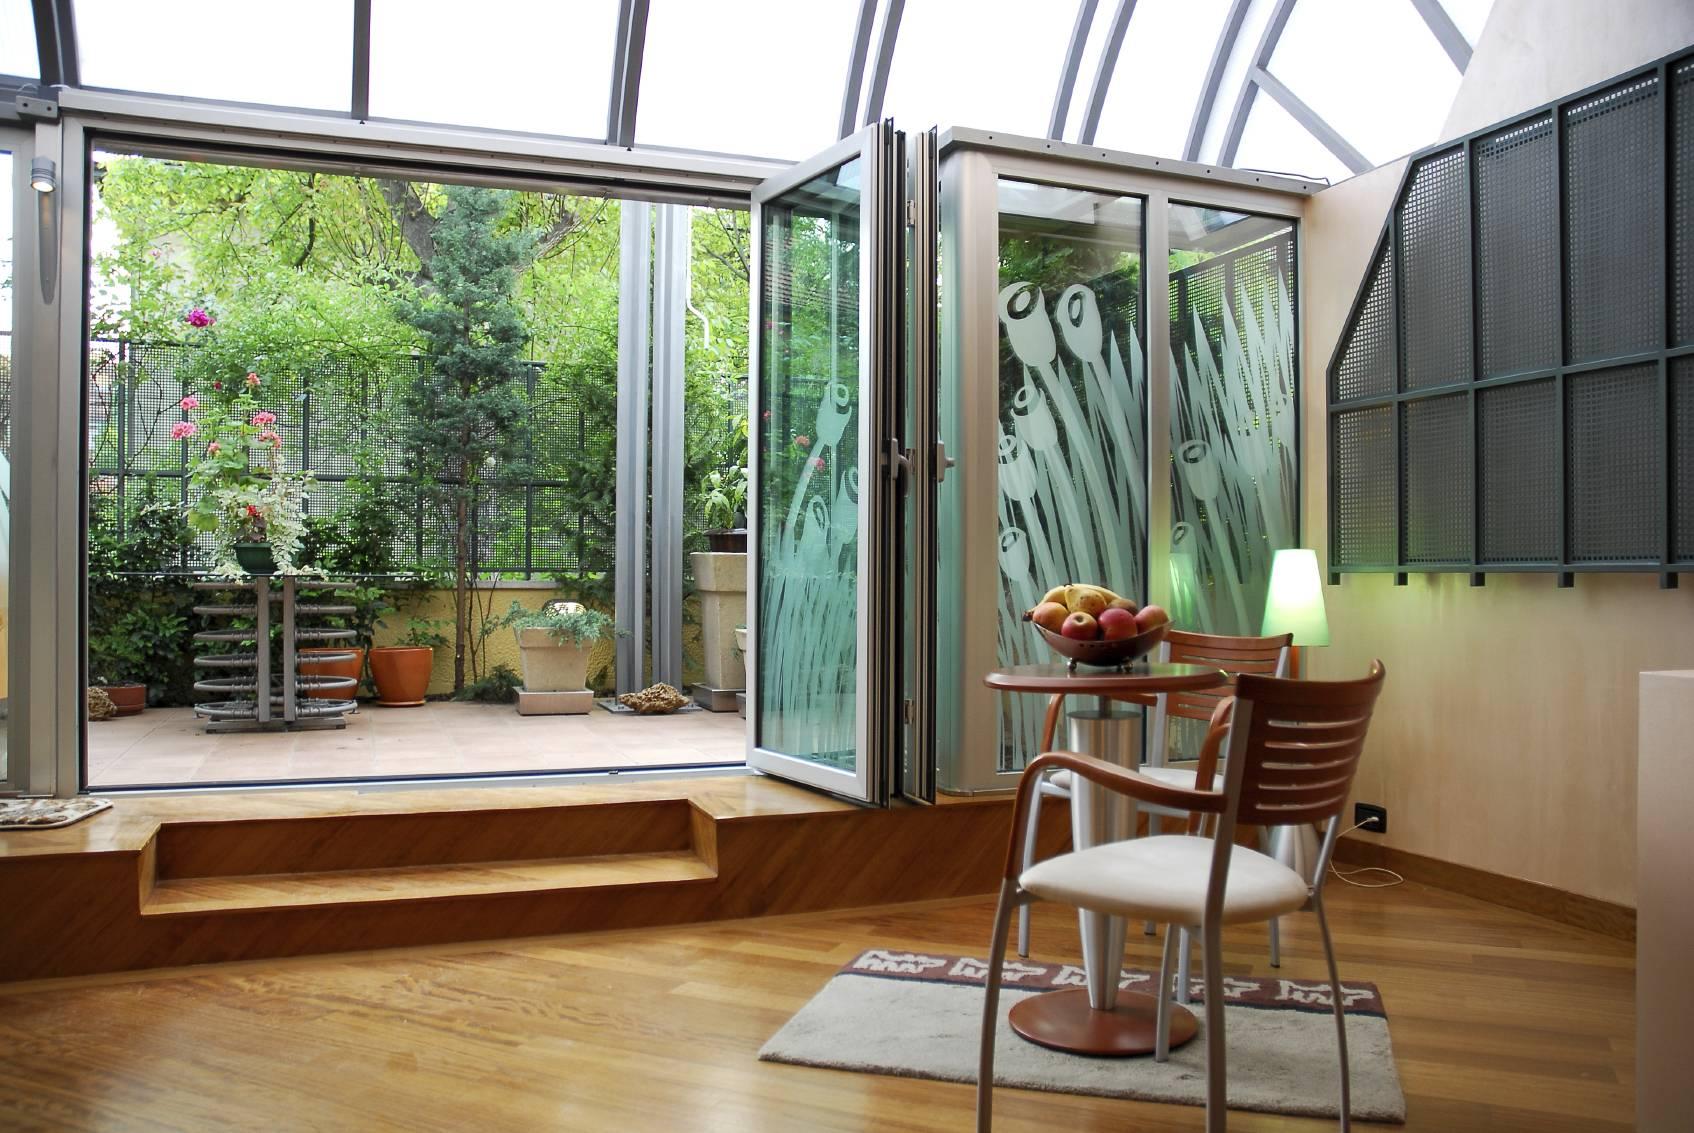 tout ce qu 39 il faut savoir sur l 39 isolation et le chauffage d 39 une v randa. Black Bedroom Furniture Sets. Home Design Ideas